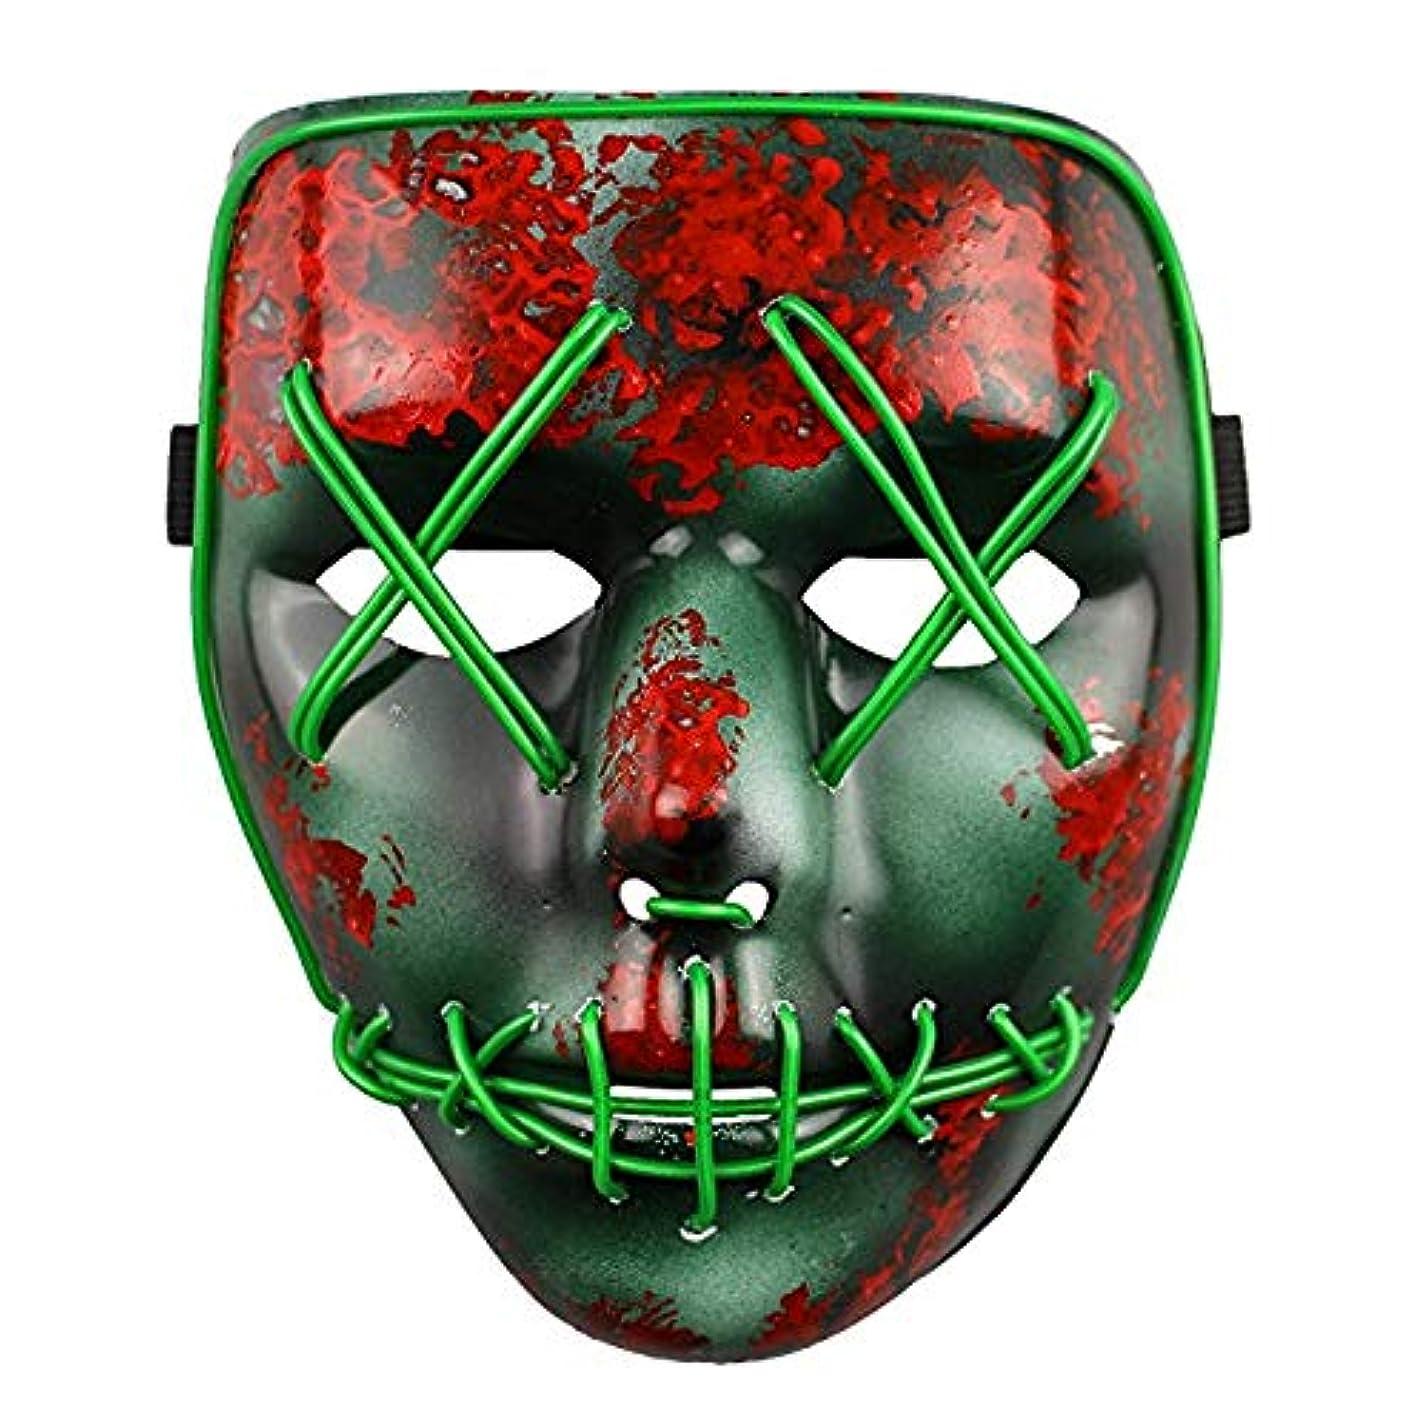 効果結晶タンクライトアップマスクフェスティバルハロウィンコスチュームアダルトマスク